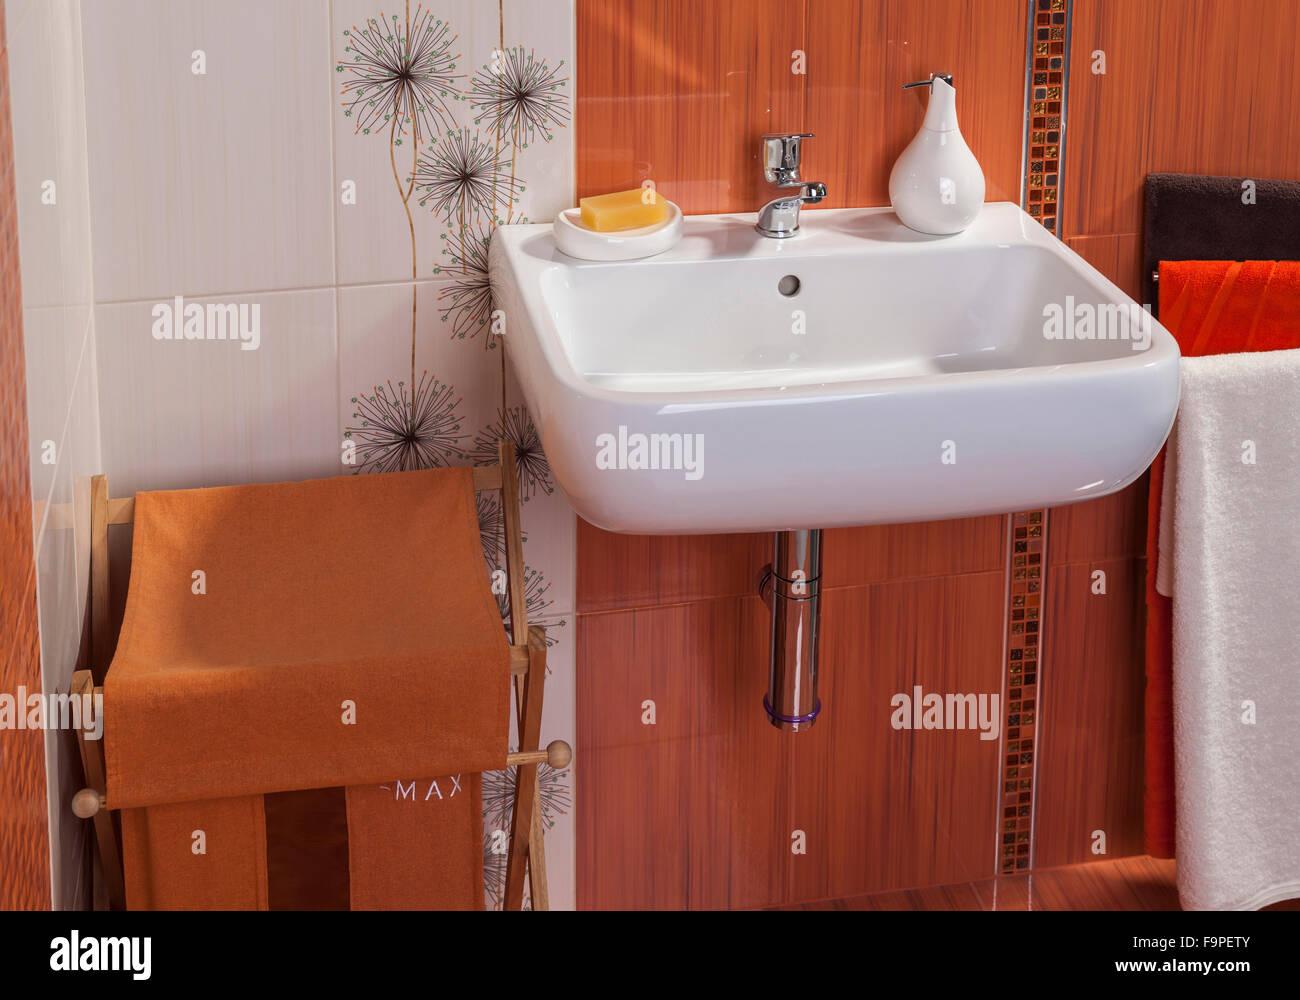 Dettaglio di un moderno bagno privato interno in arancione con